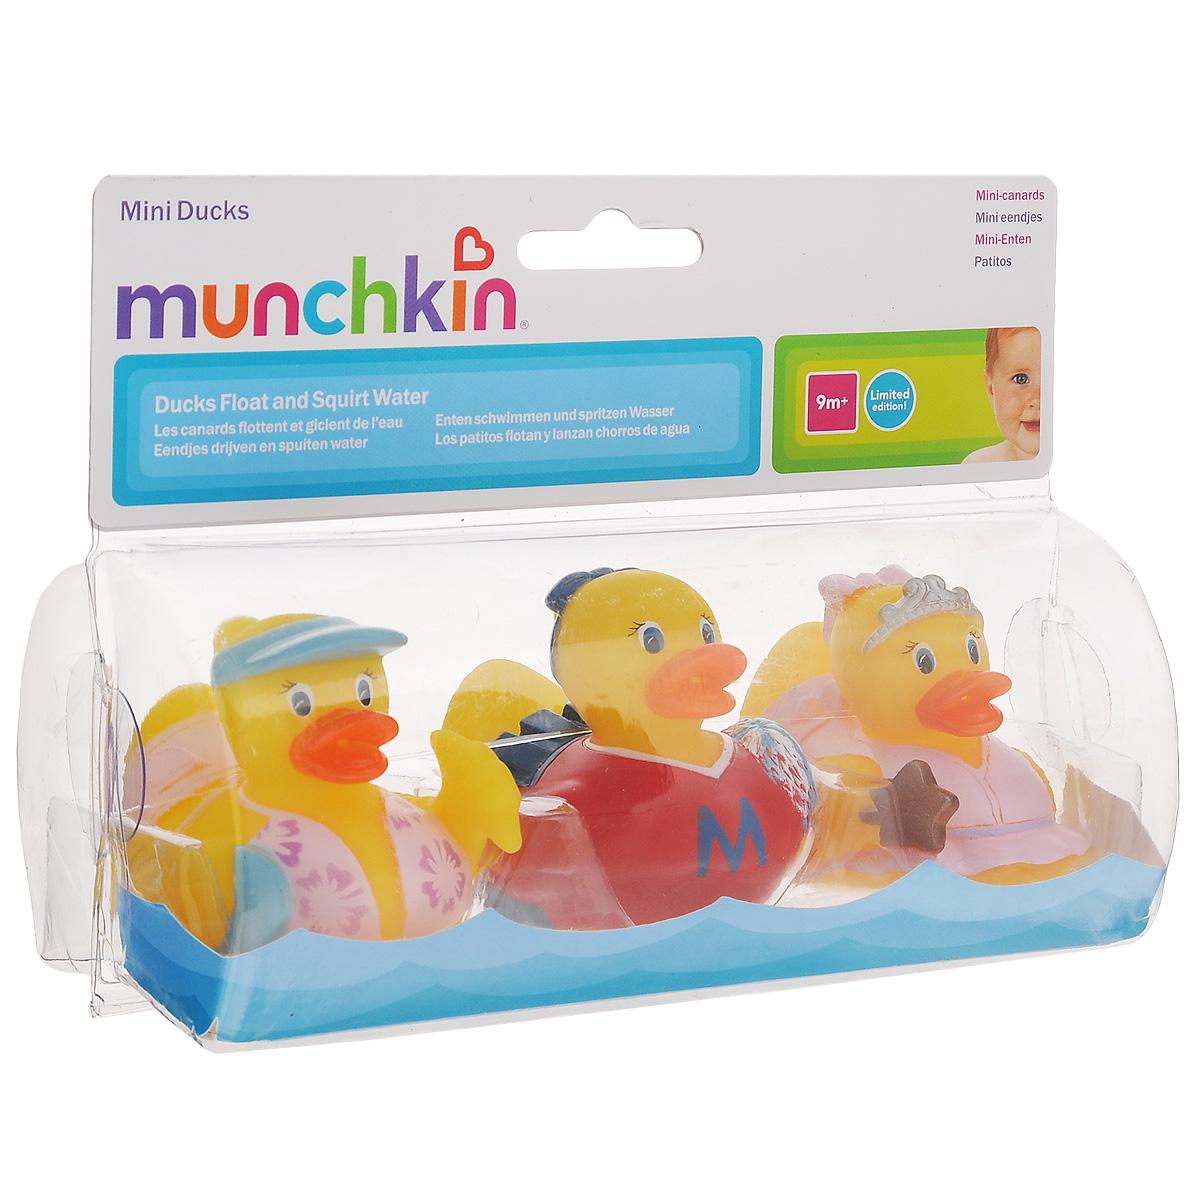 Набор игрушек для ванны Munchkin Уточки, 3 шт набор нагрудников с кармашком для крошек 2 шт динозавр космос 24 munchkin